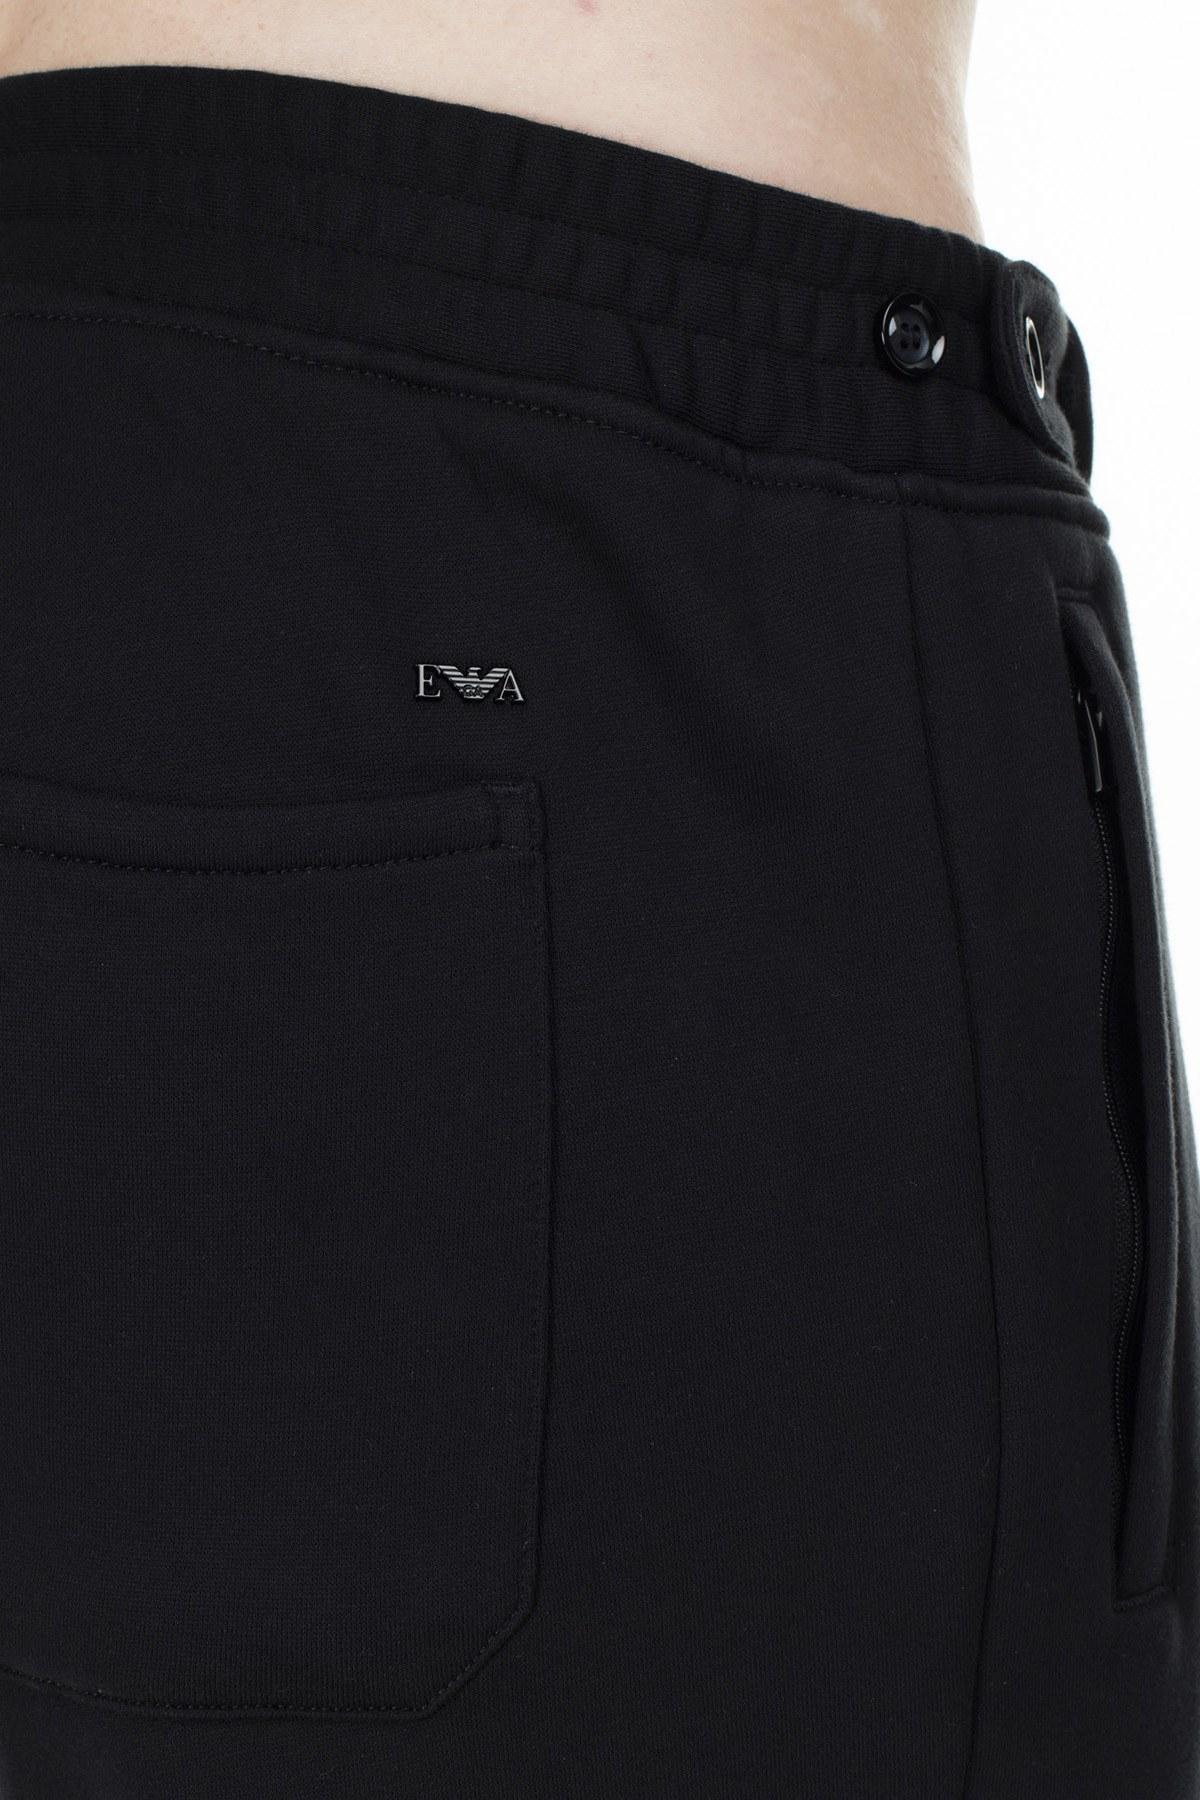 Emporio Armani Erkek Pantolon S 6G1PM8 1JJUZ 0999 SİYAH